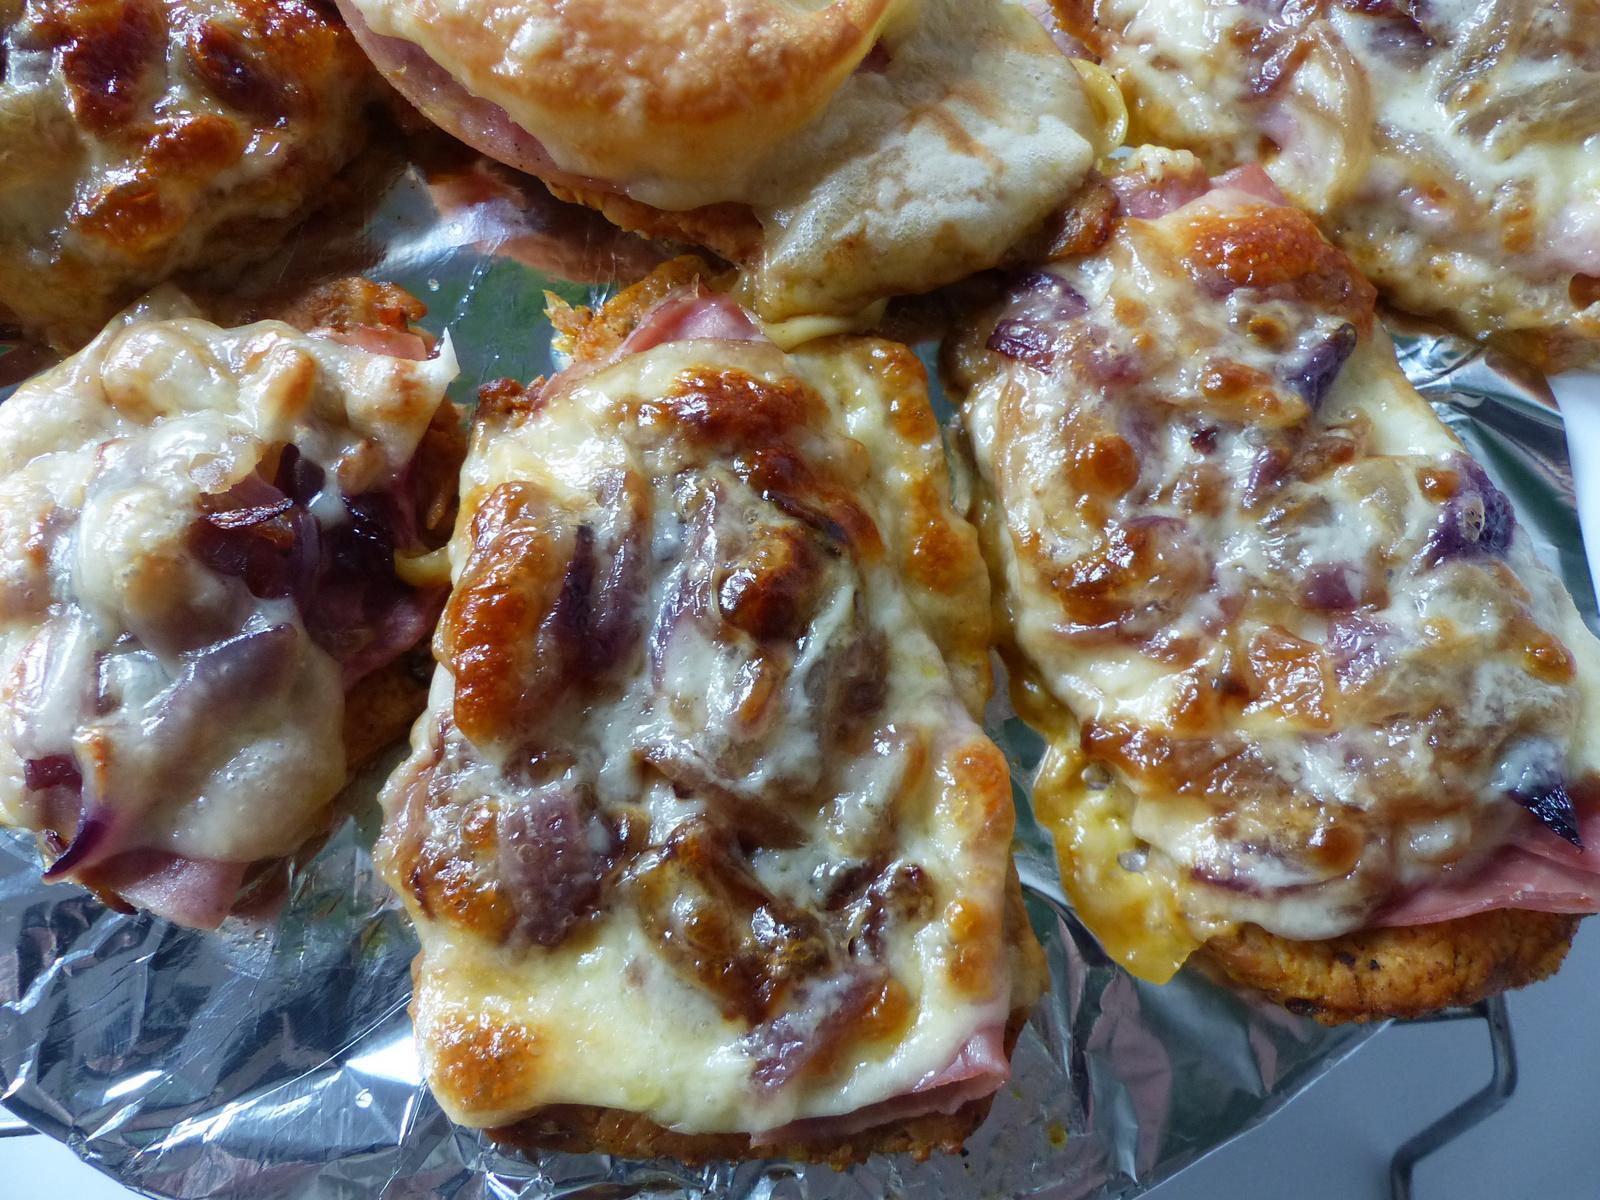 Hagymás-sonkás-sajtos sertéskaraj, SzG3